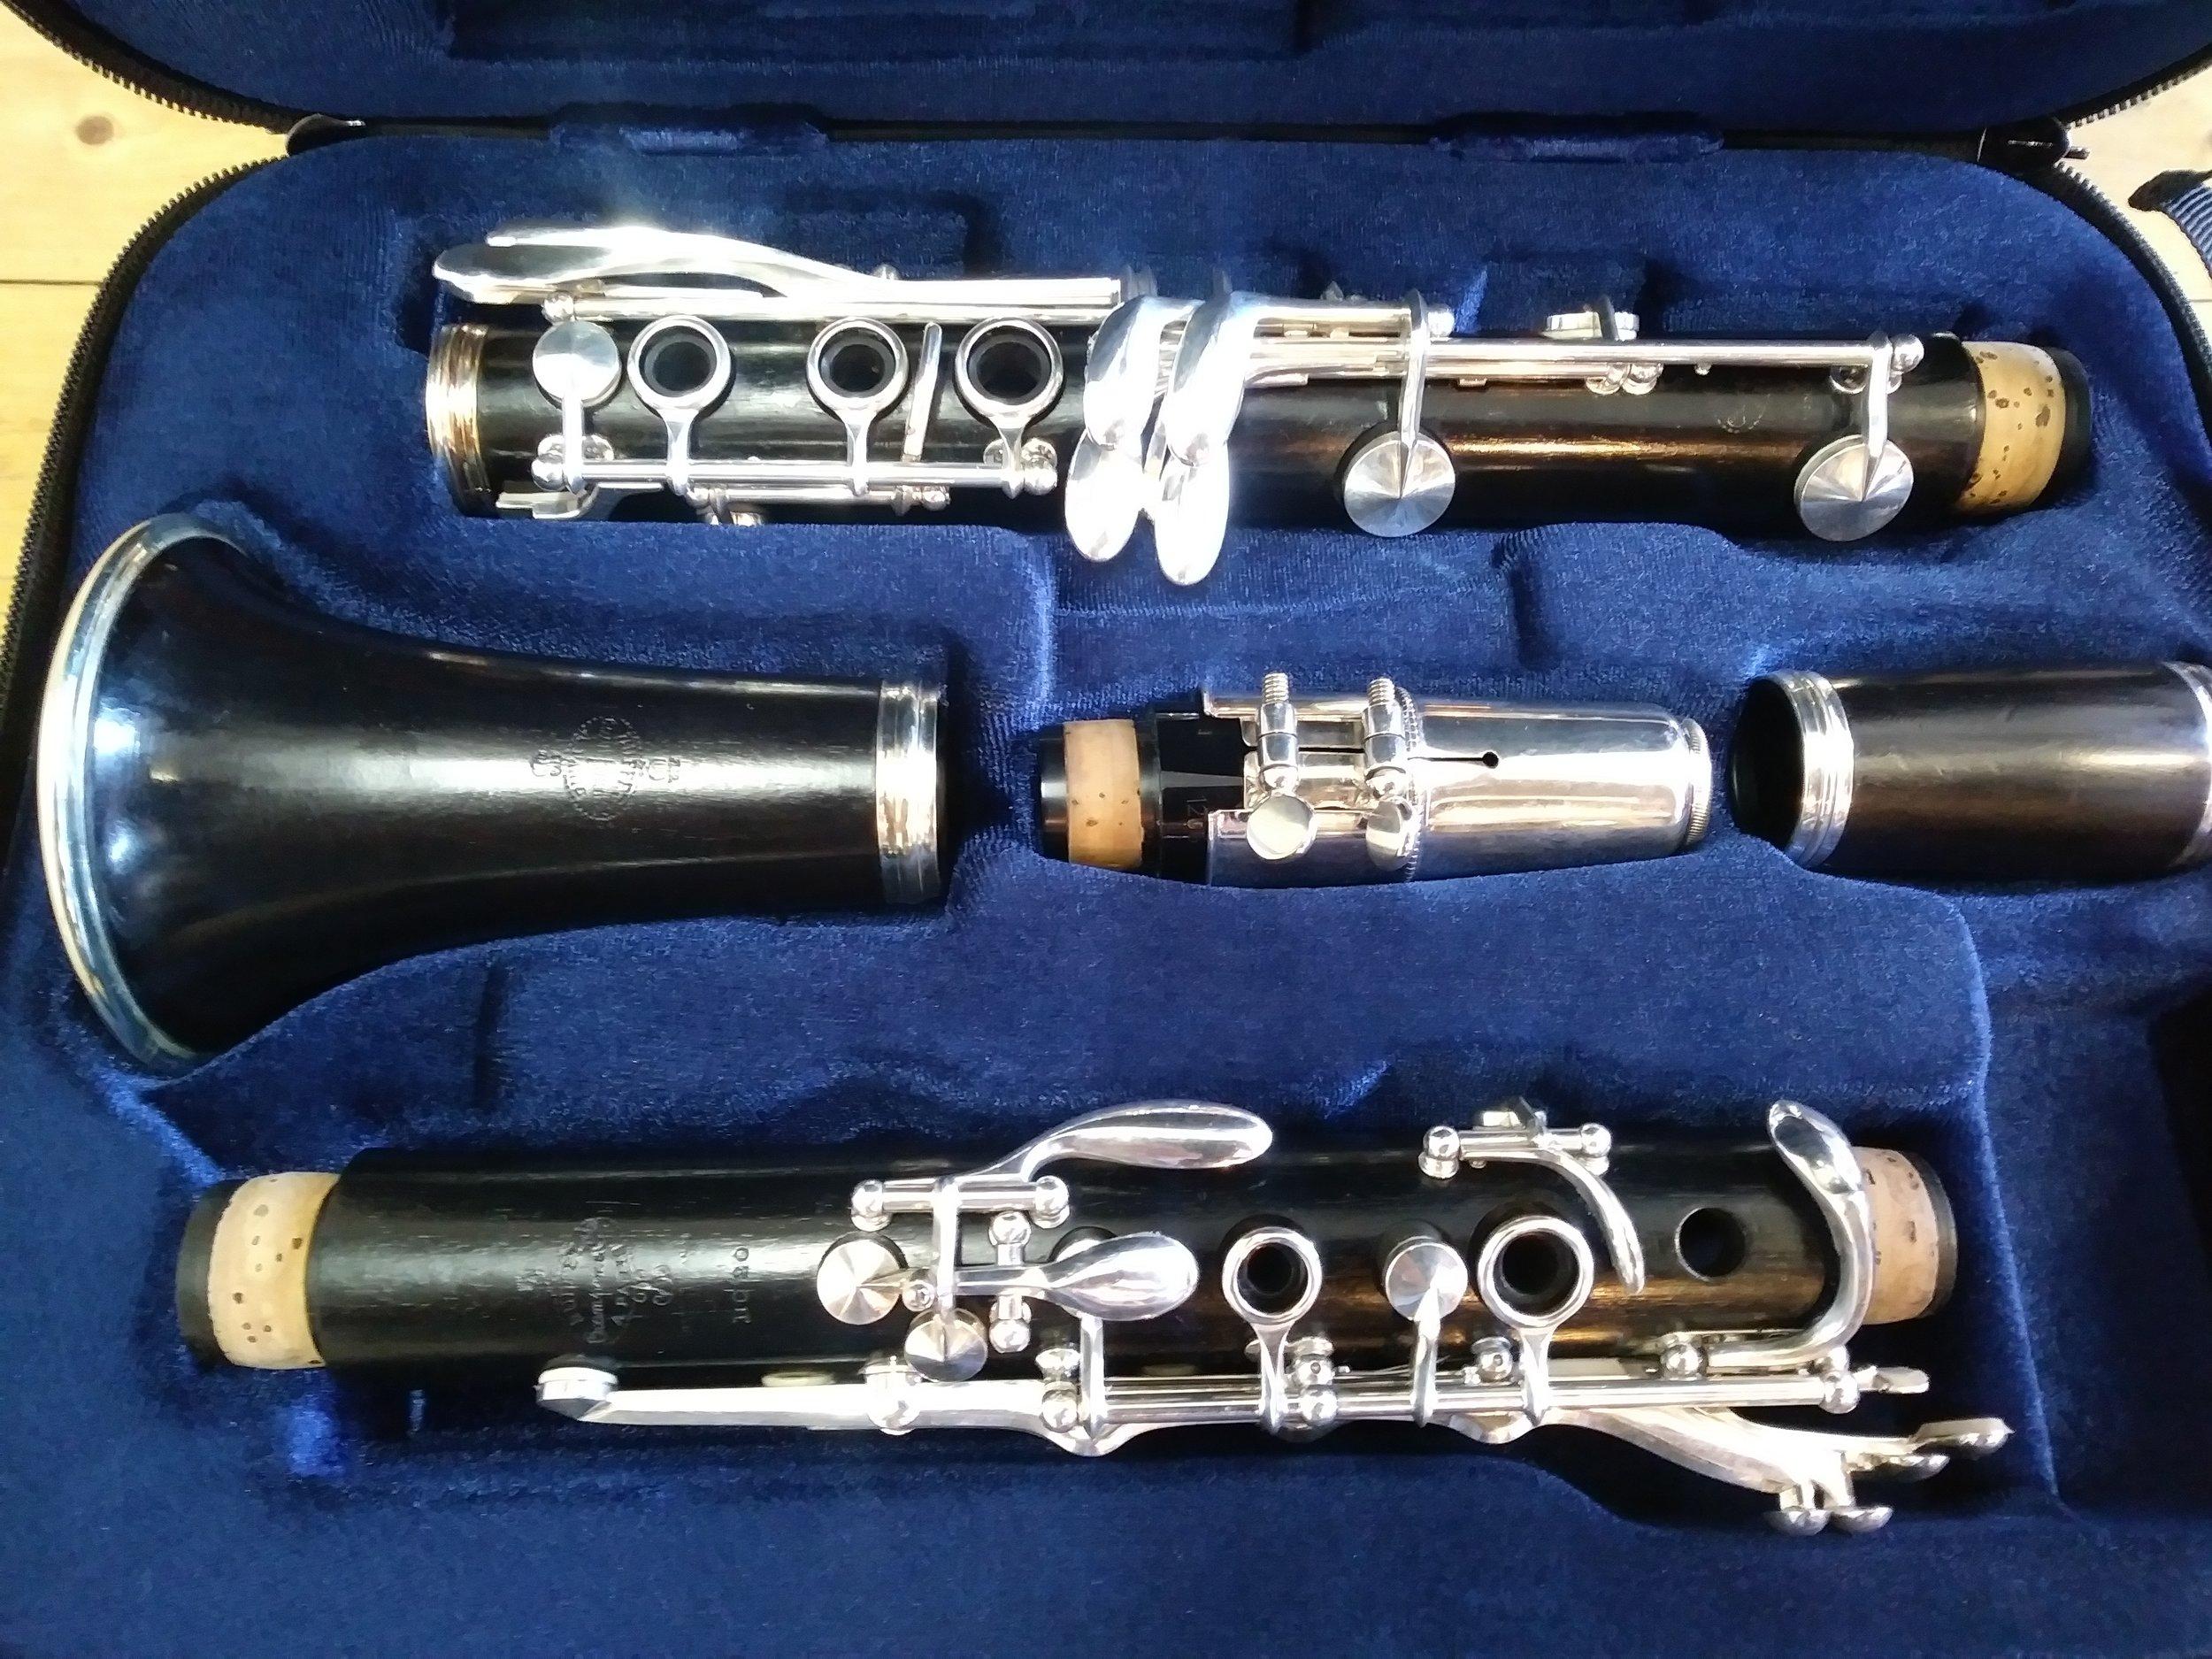 Merk  : Buffet Crampon.   Serie nr  : F 117209   Type  : BC 20   Geraamd  : Bb   Uitvoering  : 17/6   Applicatuur  : Geheel nieuw verzilverd.   Corpus  : Grenadilla   Prijs  : € 800, - Verkocht.  Omschrijving: Geheel opnieuw verzilverde applicatuur. Klarinet in een mooie nieuwe koffer, geleverd met schouderbanden.  Een klarinet met een warm en egaal timbre.